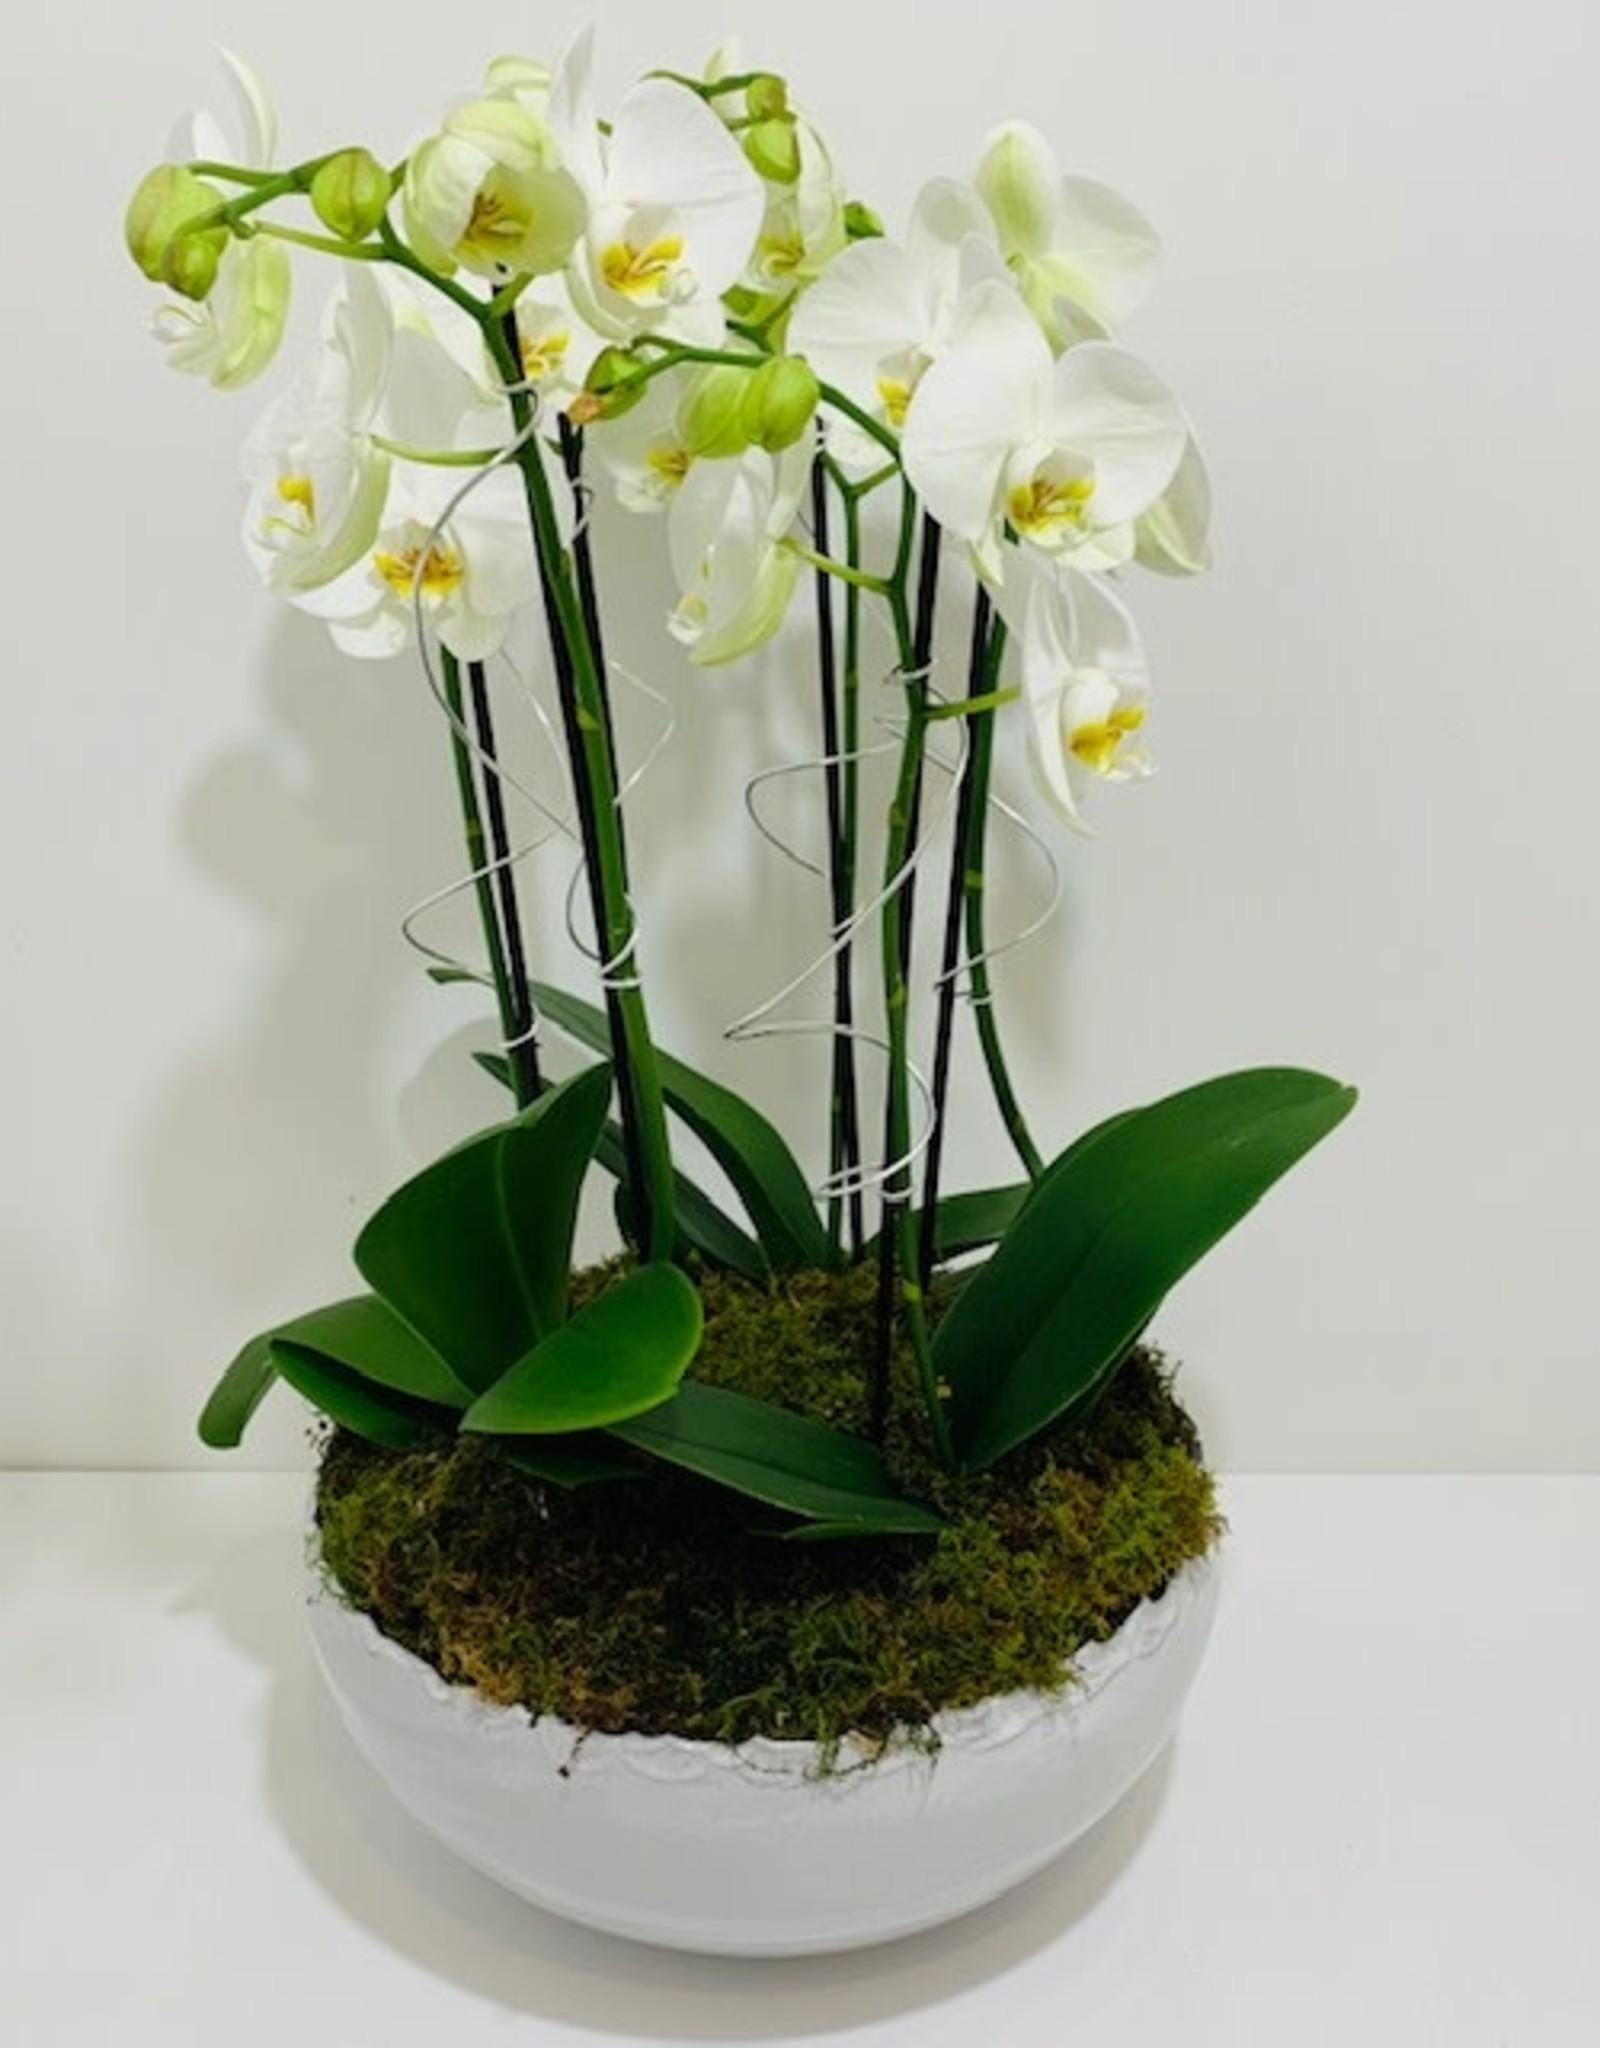 Orchid Arrangement in White Ceramic Bowl